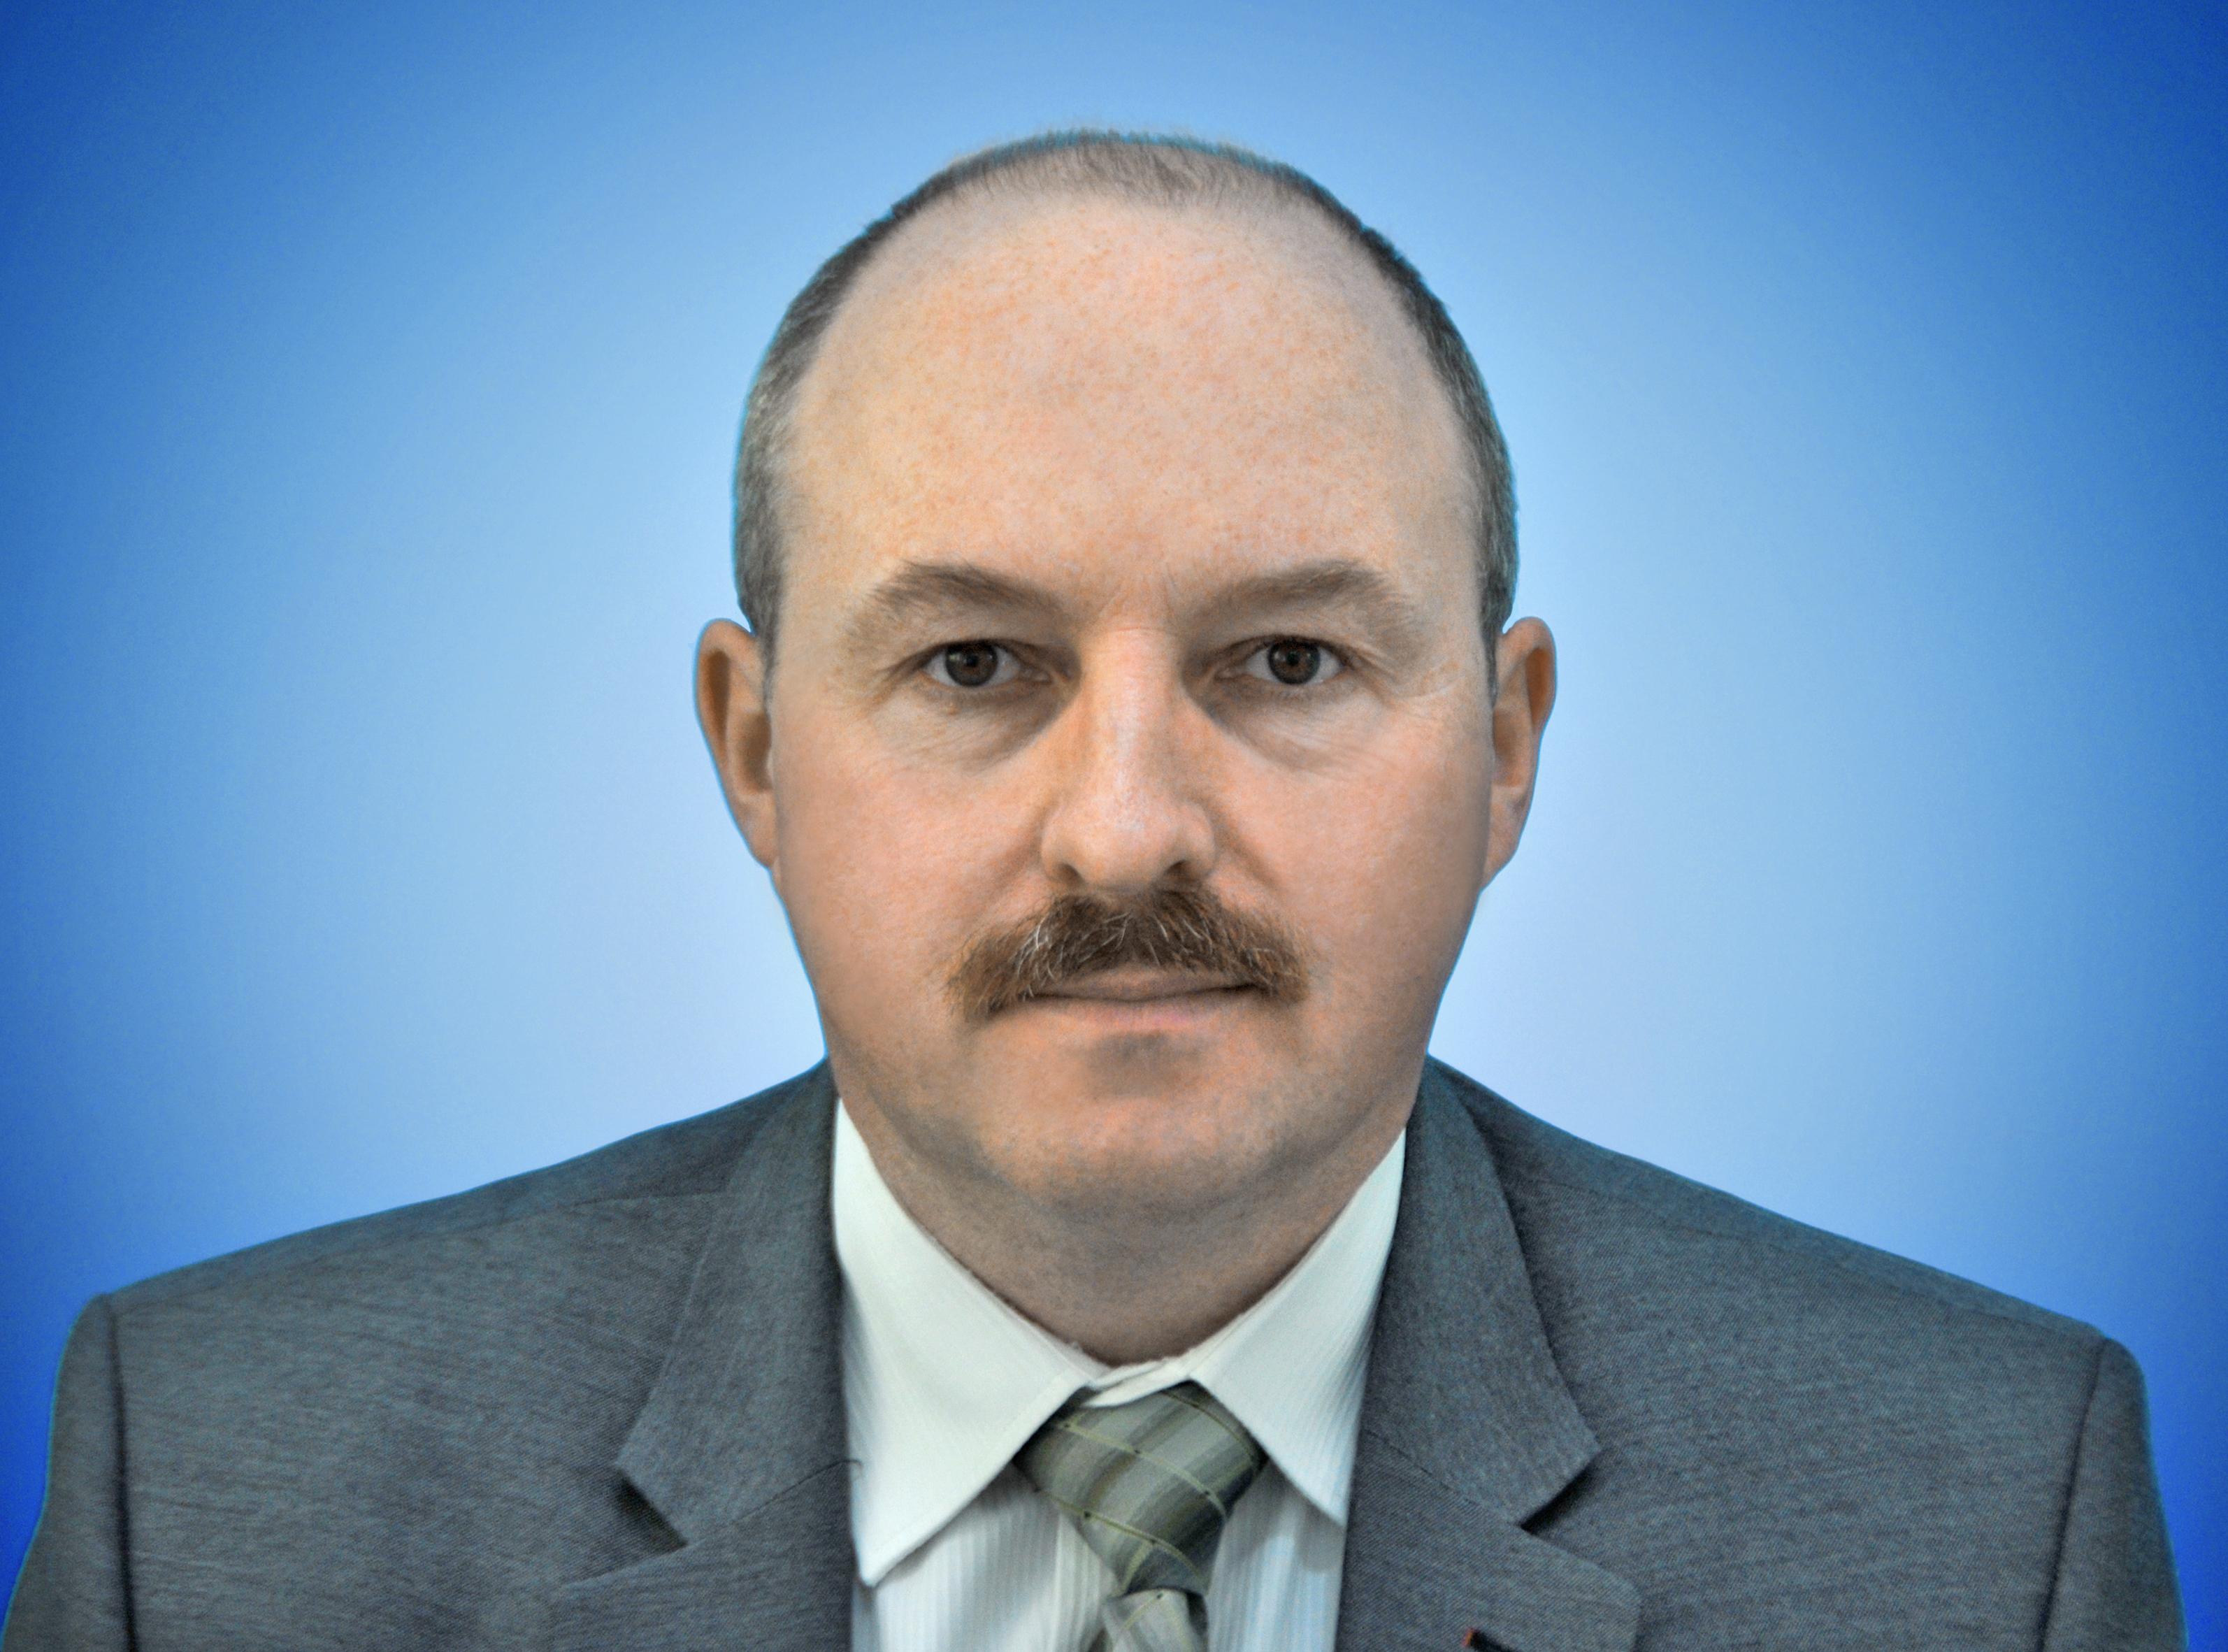 Zbigniew Syzdek